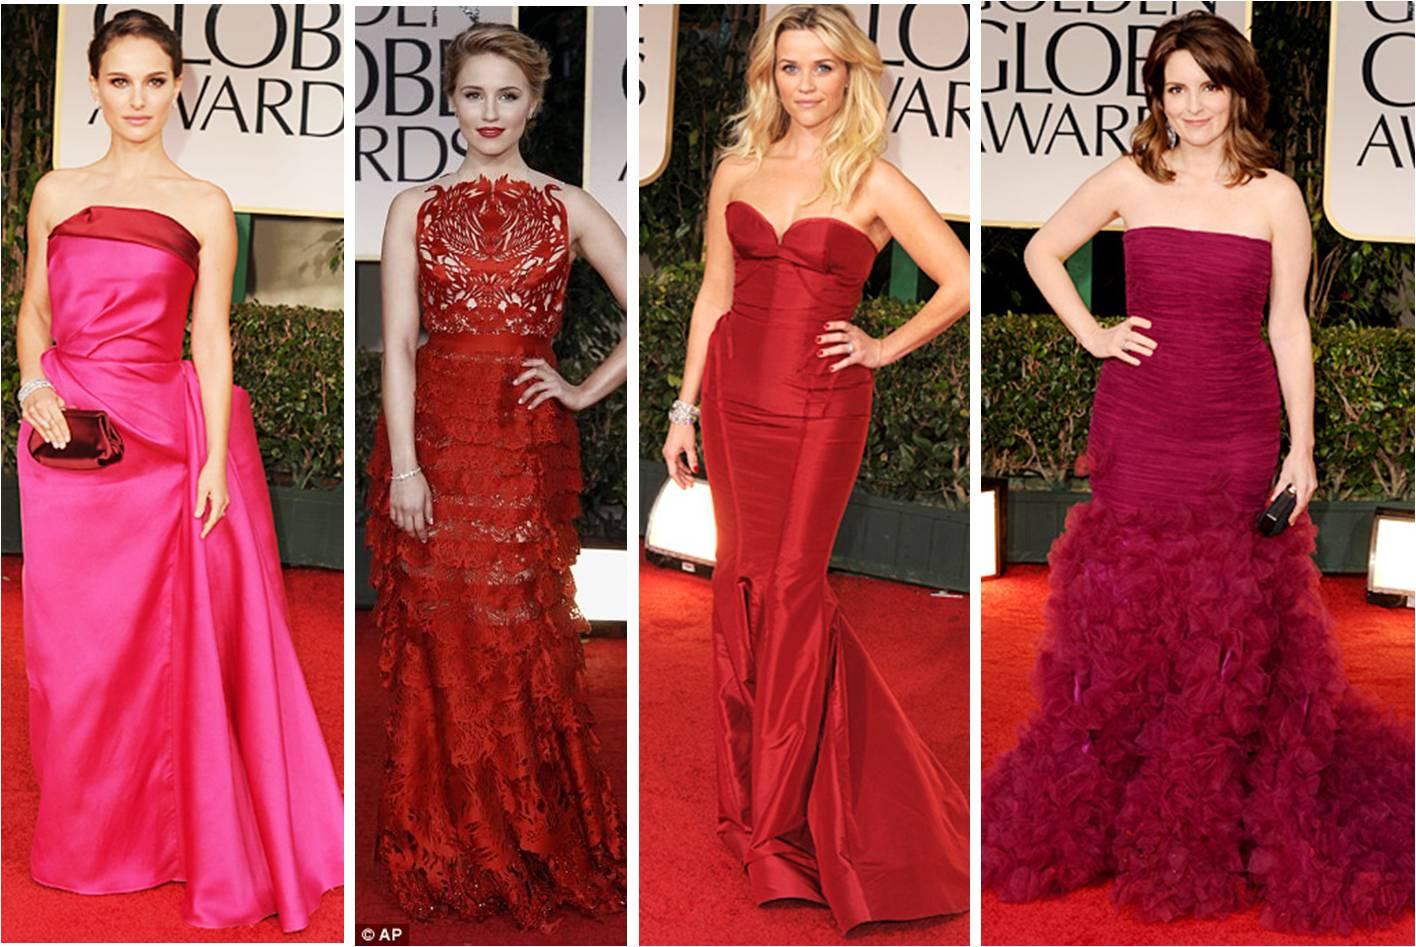 http://4.bp.blogspot.com/-eOYlPiA7vuk/TxPN0pLbo1I/AAAAAAAAId0/UF9CkS67PUA/s1600/2012+Golden+Globes+Red+Carpet+Best+Dressed+Berry+Dresses.jpg